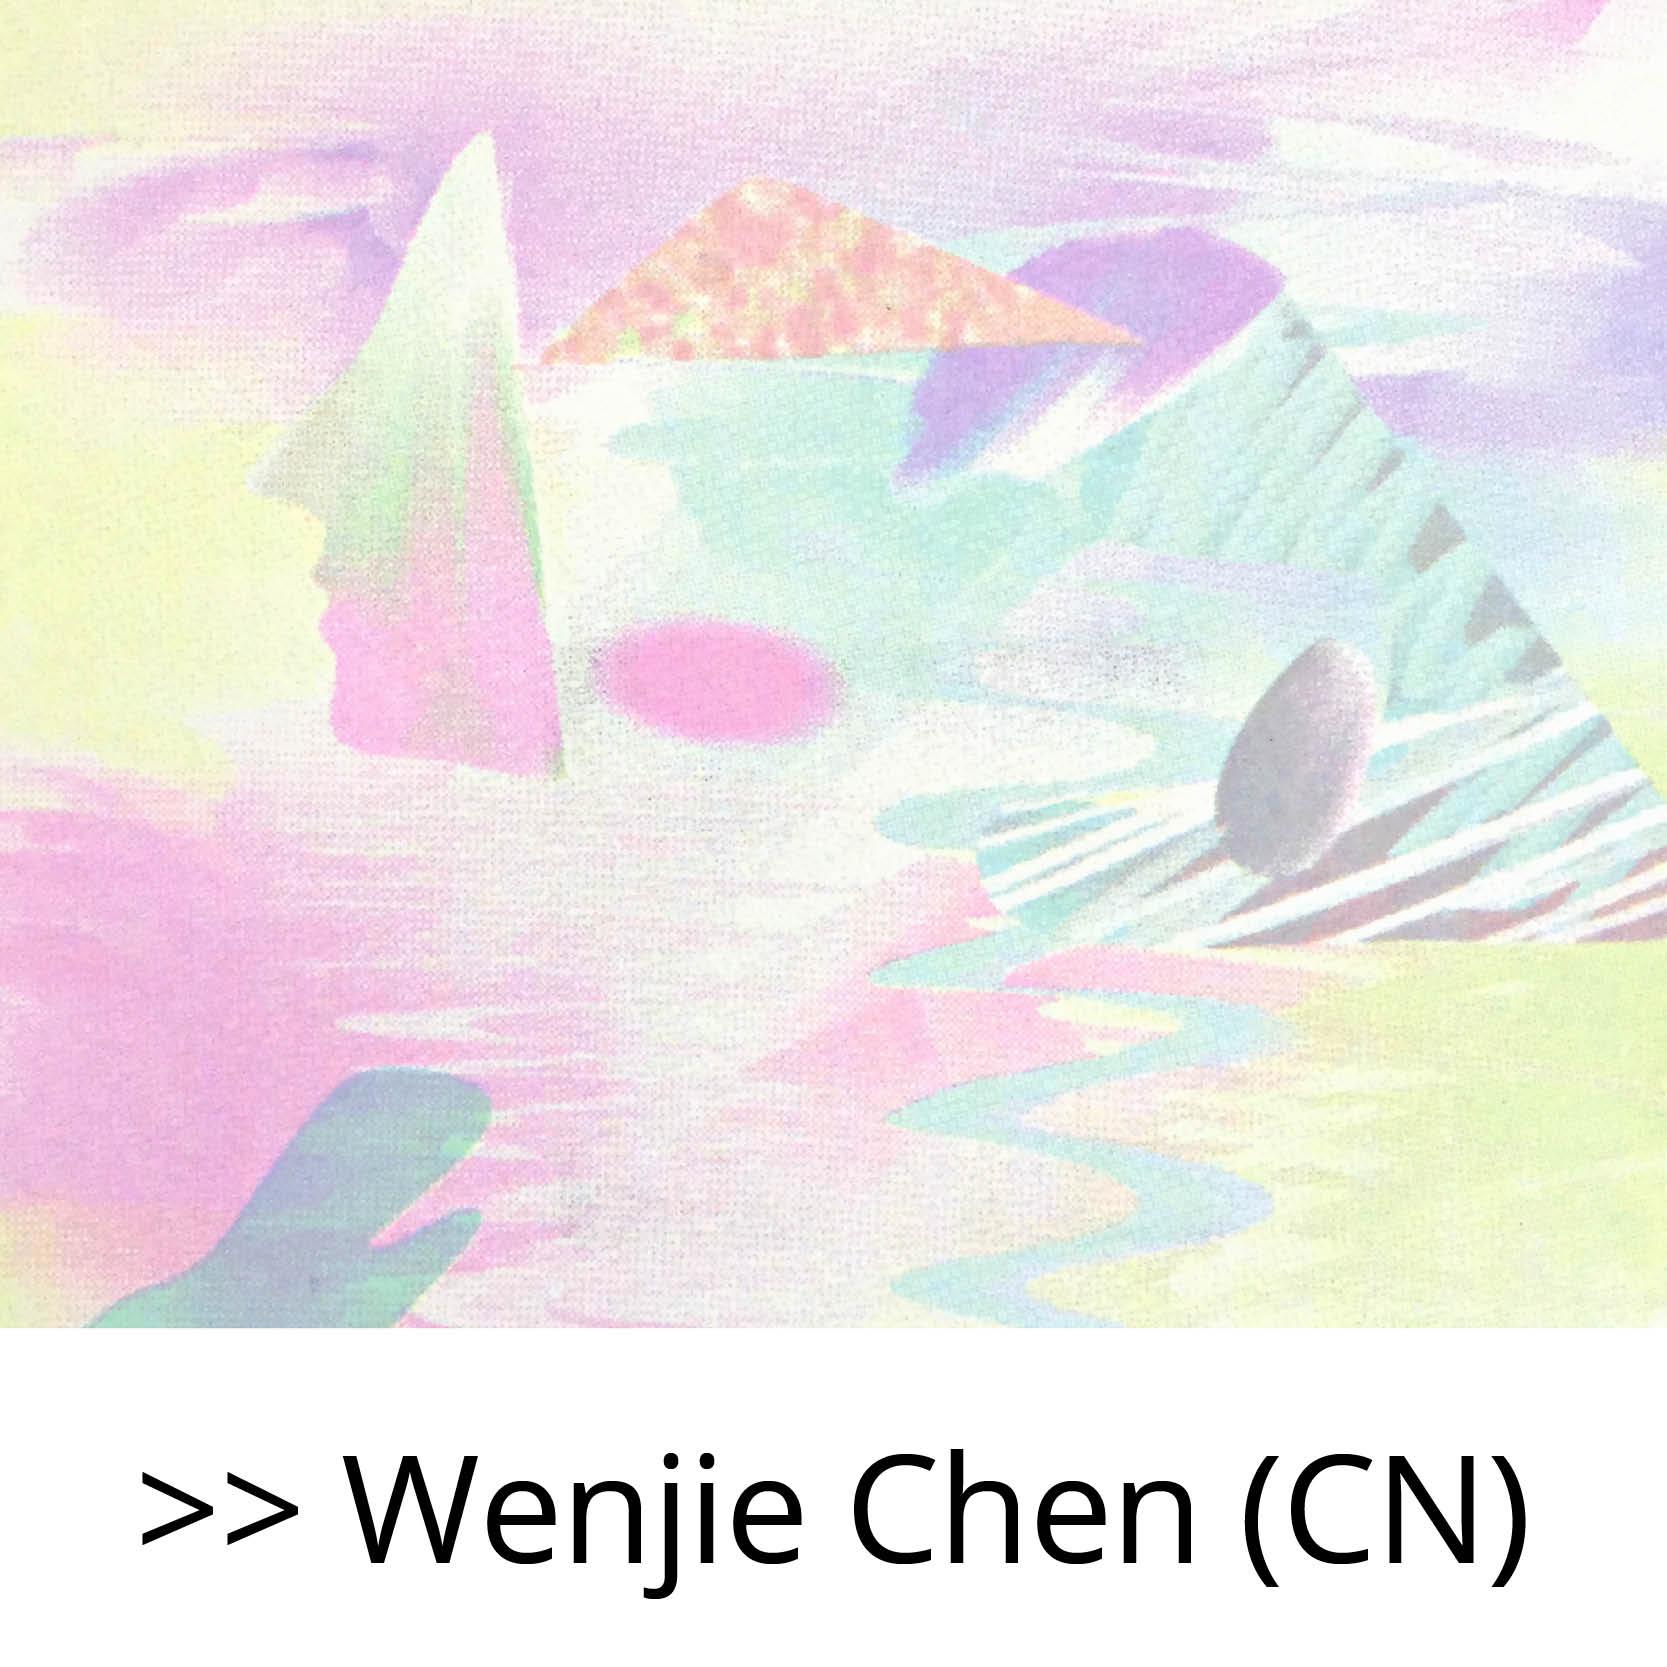 Wenjie_Chen_(CN)